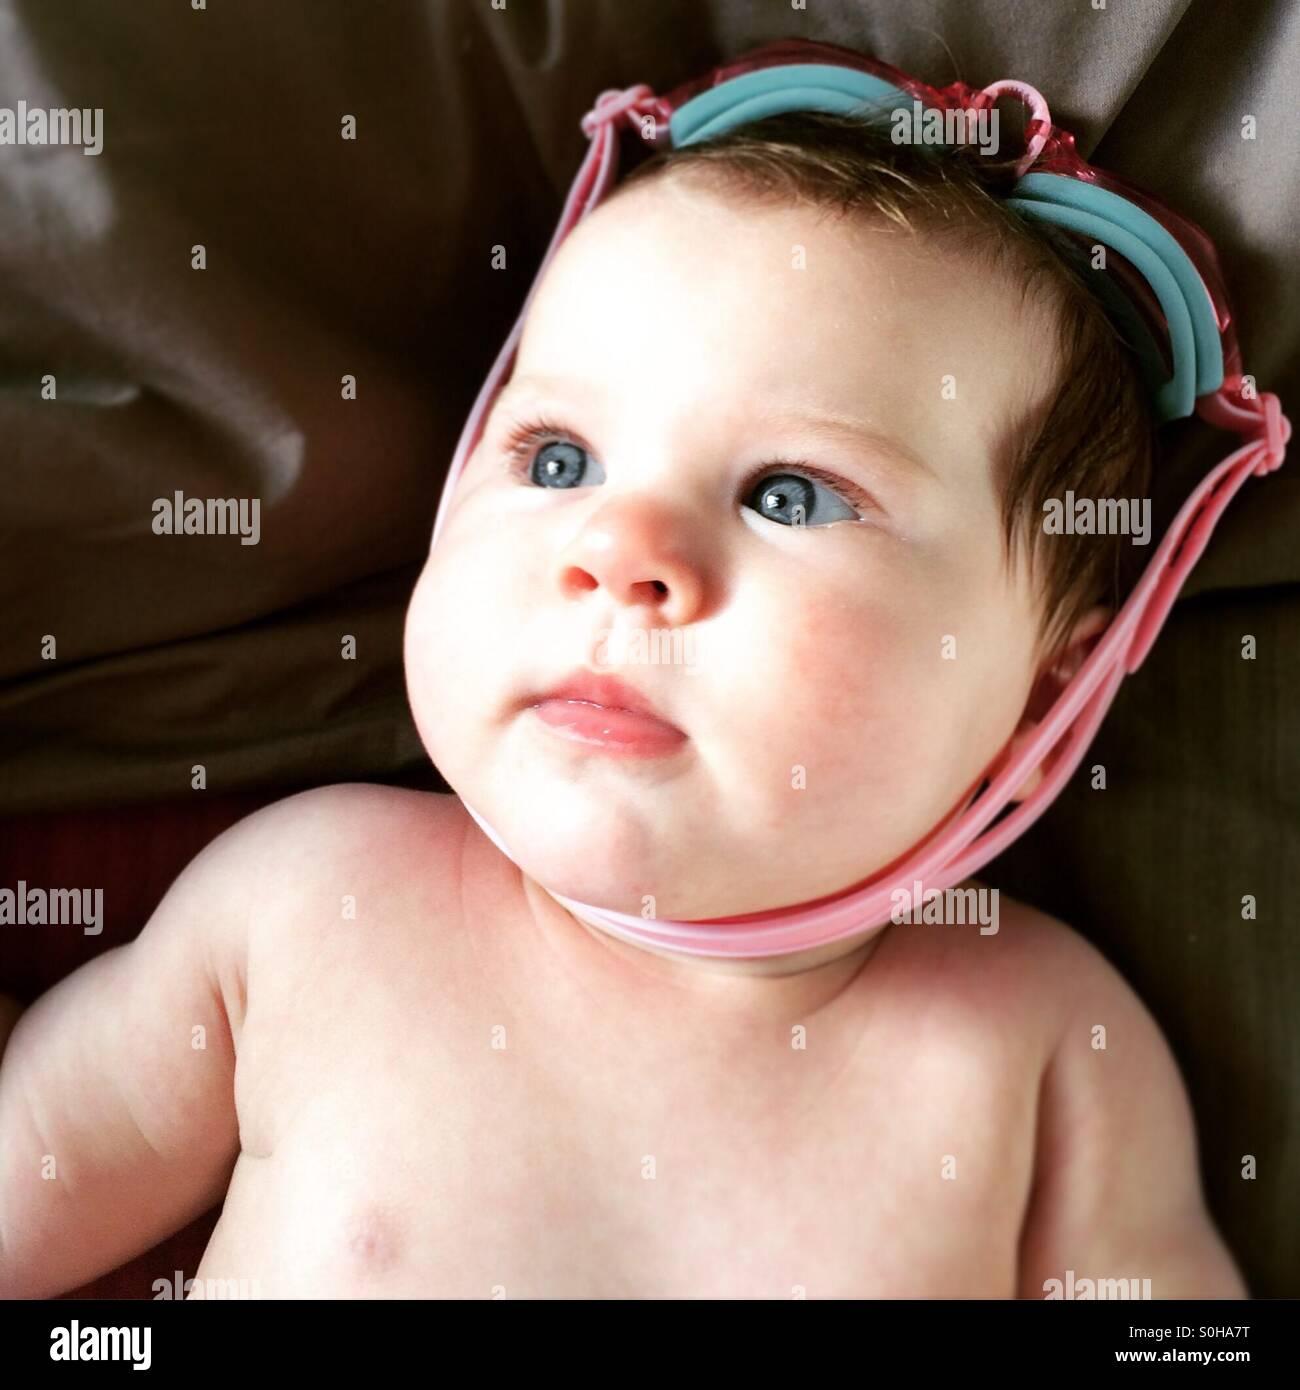 Les cours de natation pour bébés Photo Stock